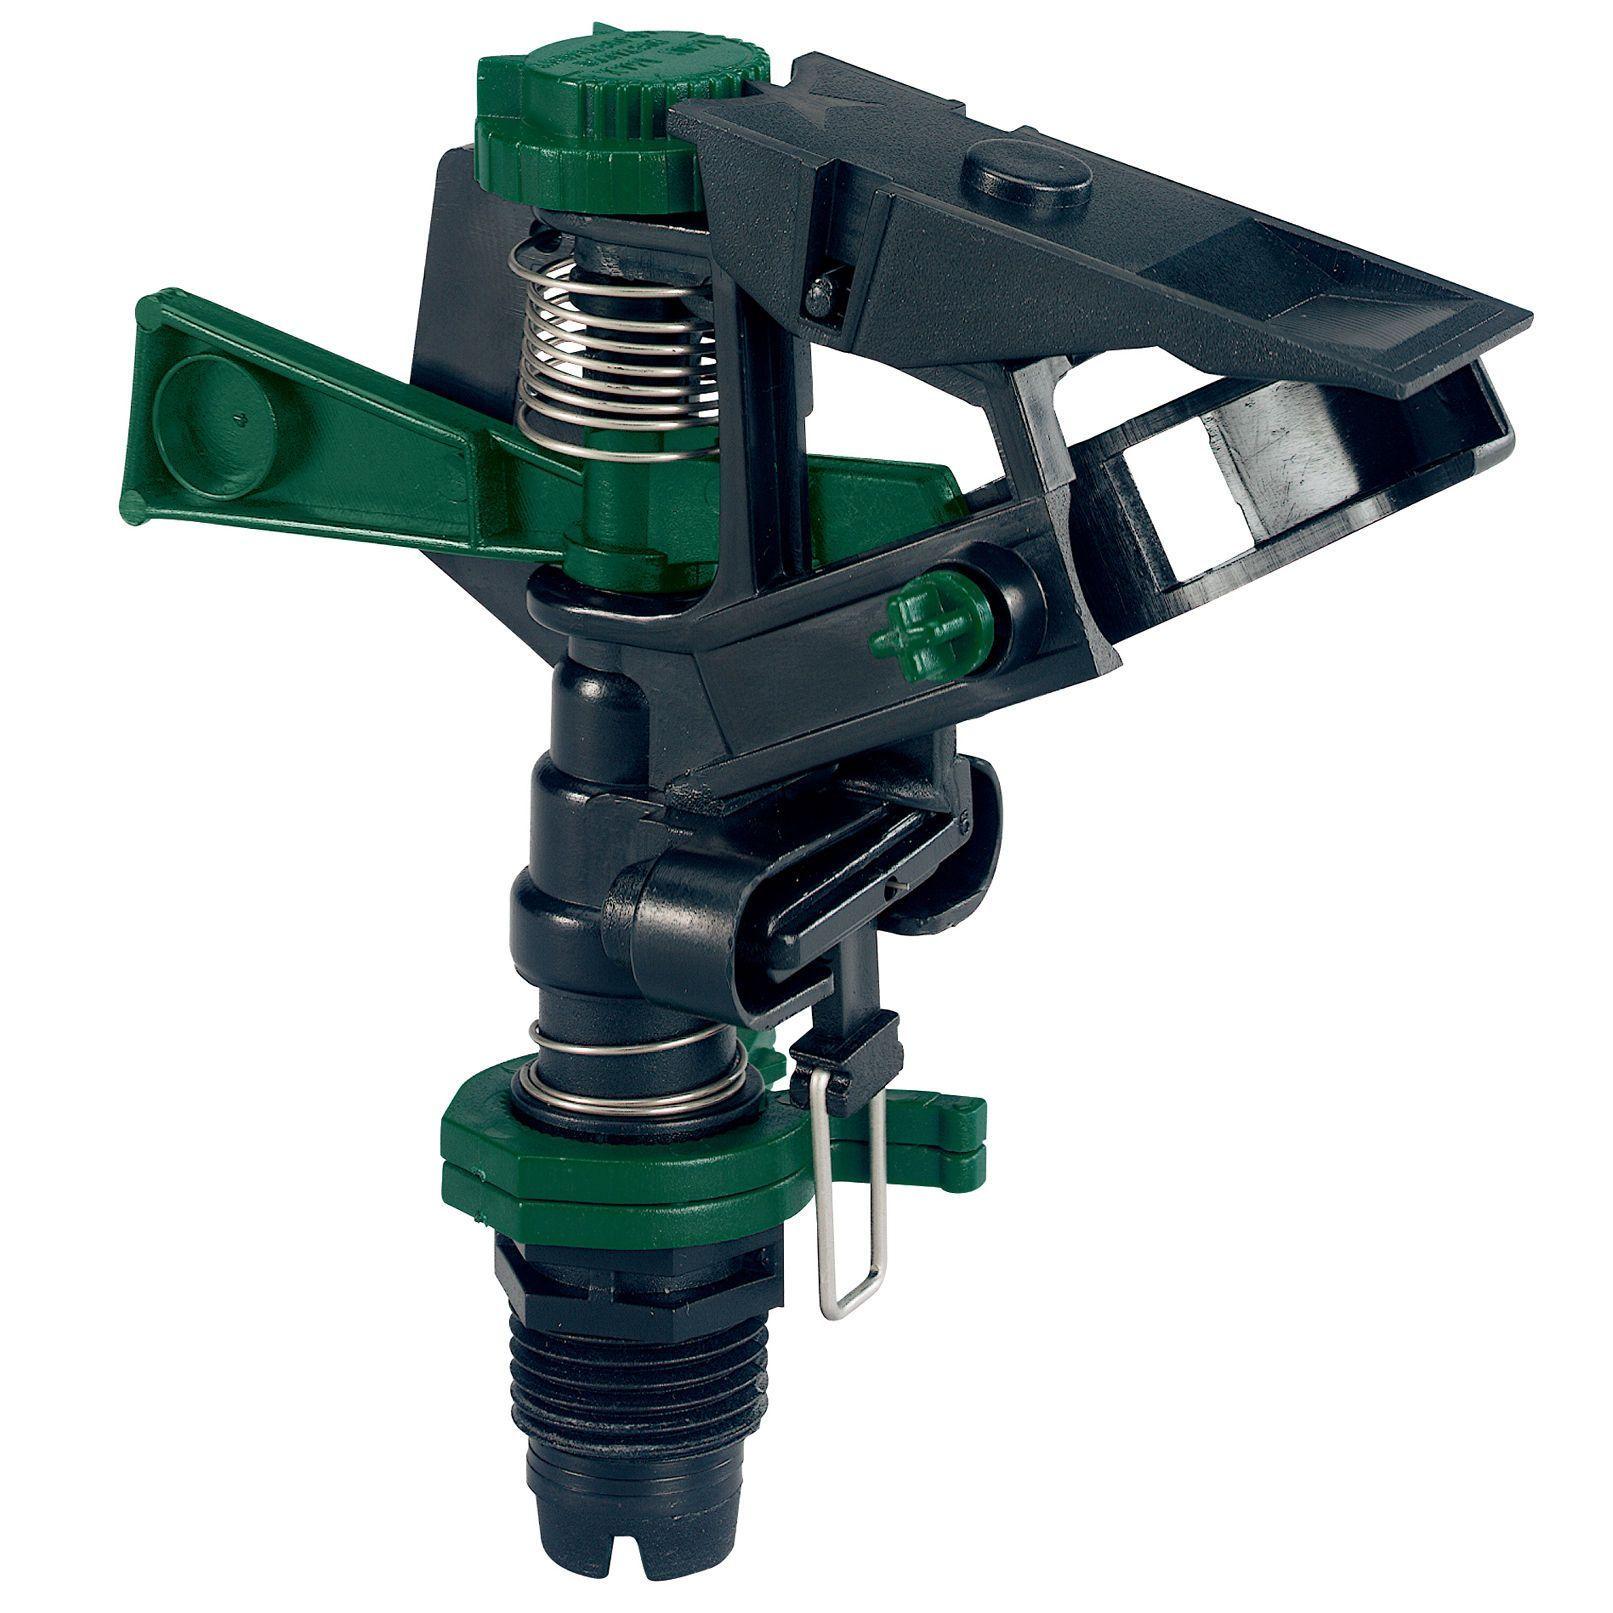 Orbit 58007N 1/2 Inch Impact Sprinkler (Impact Sprinklers), Green (Plastic)